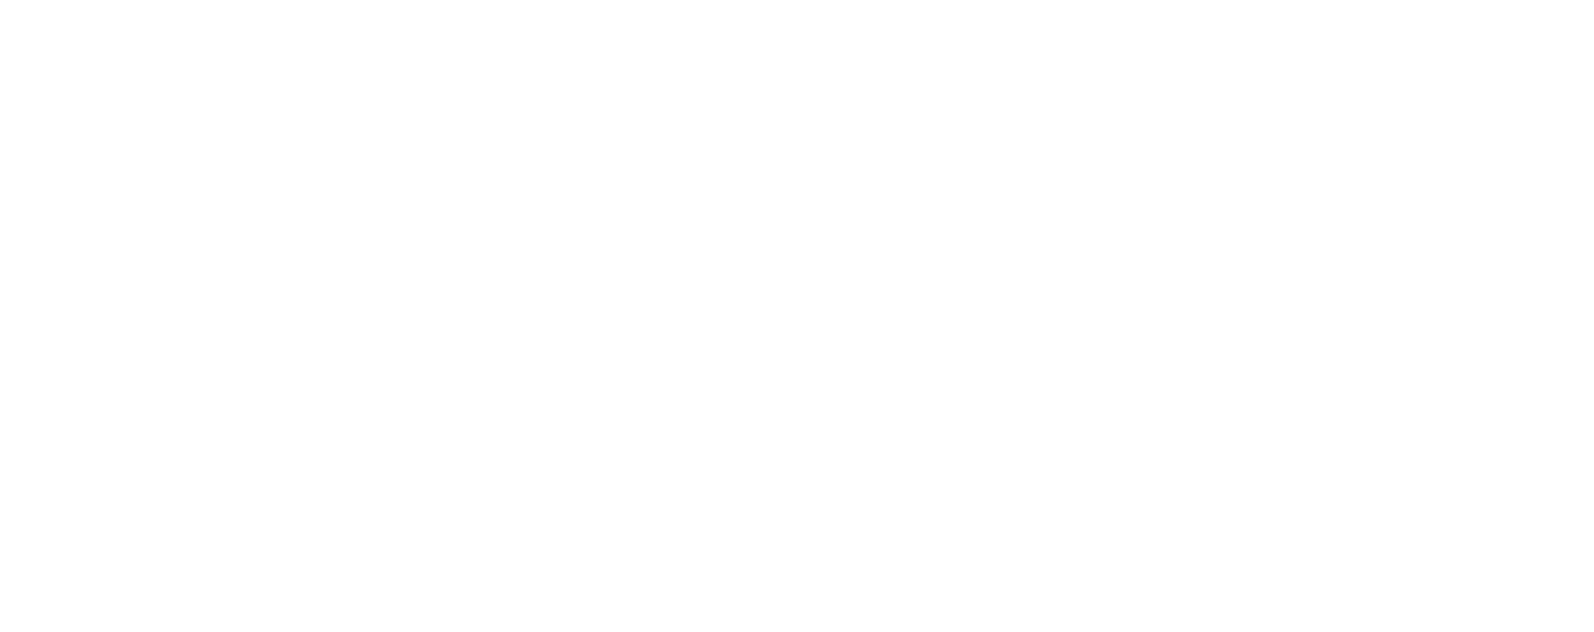 Image of logos Kew & Humboldt